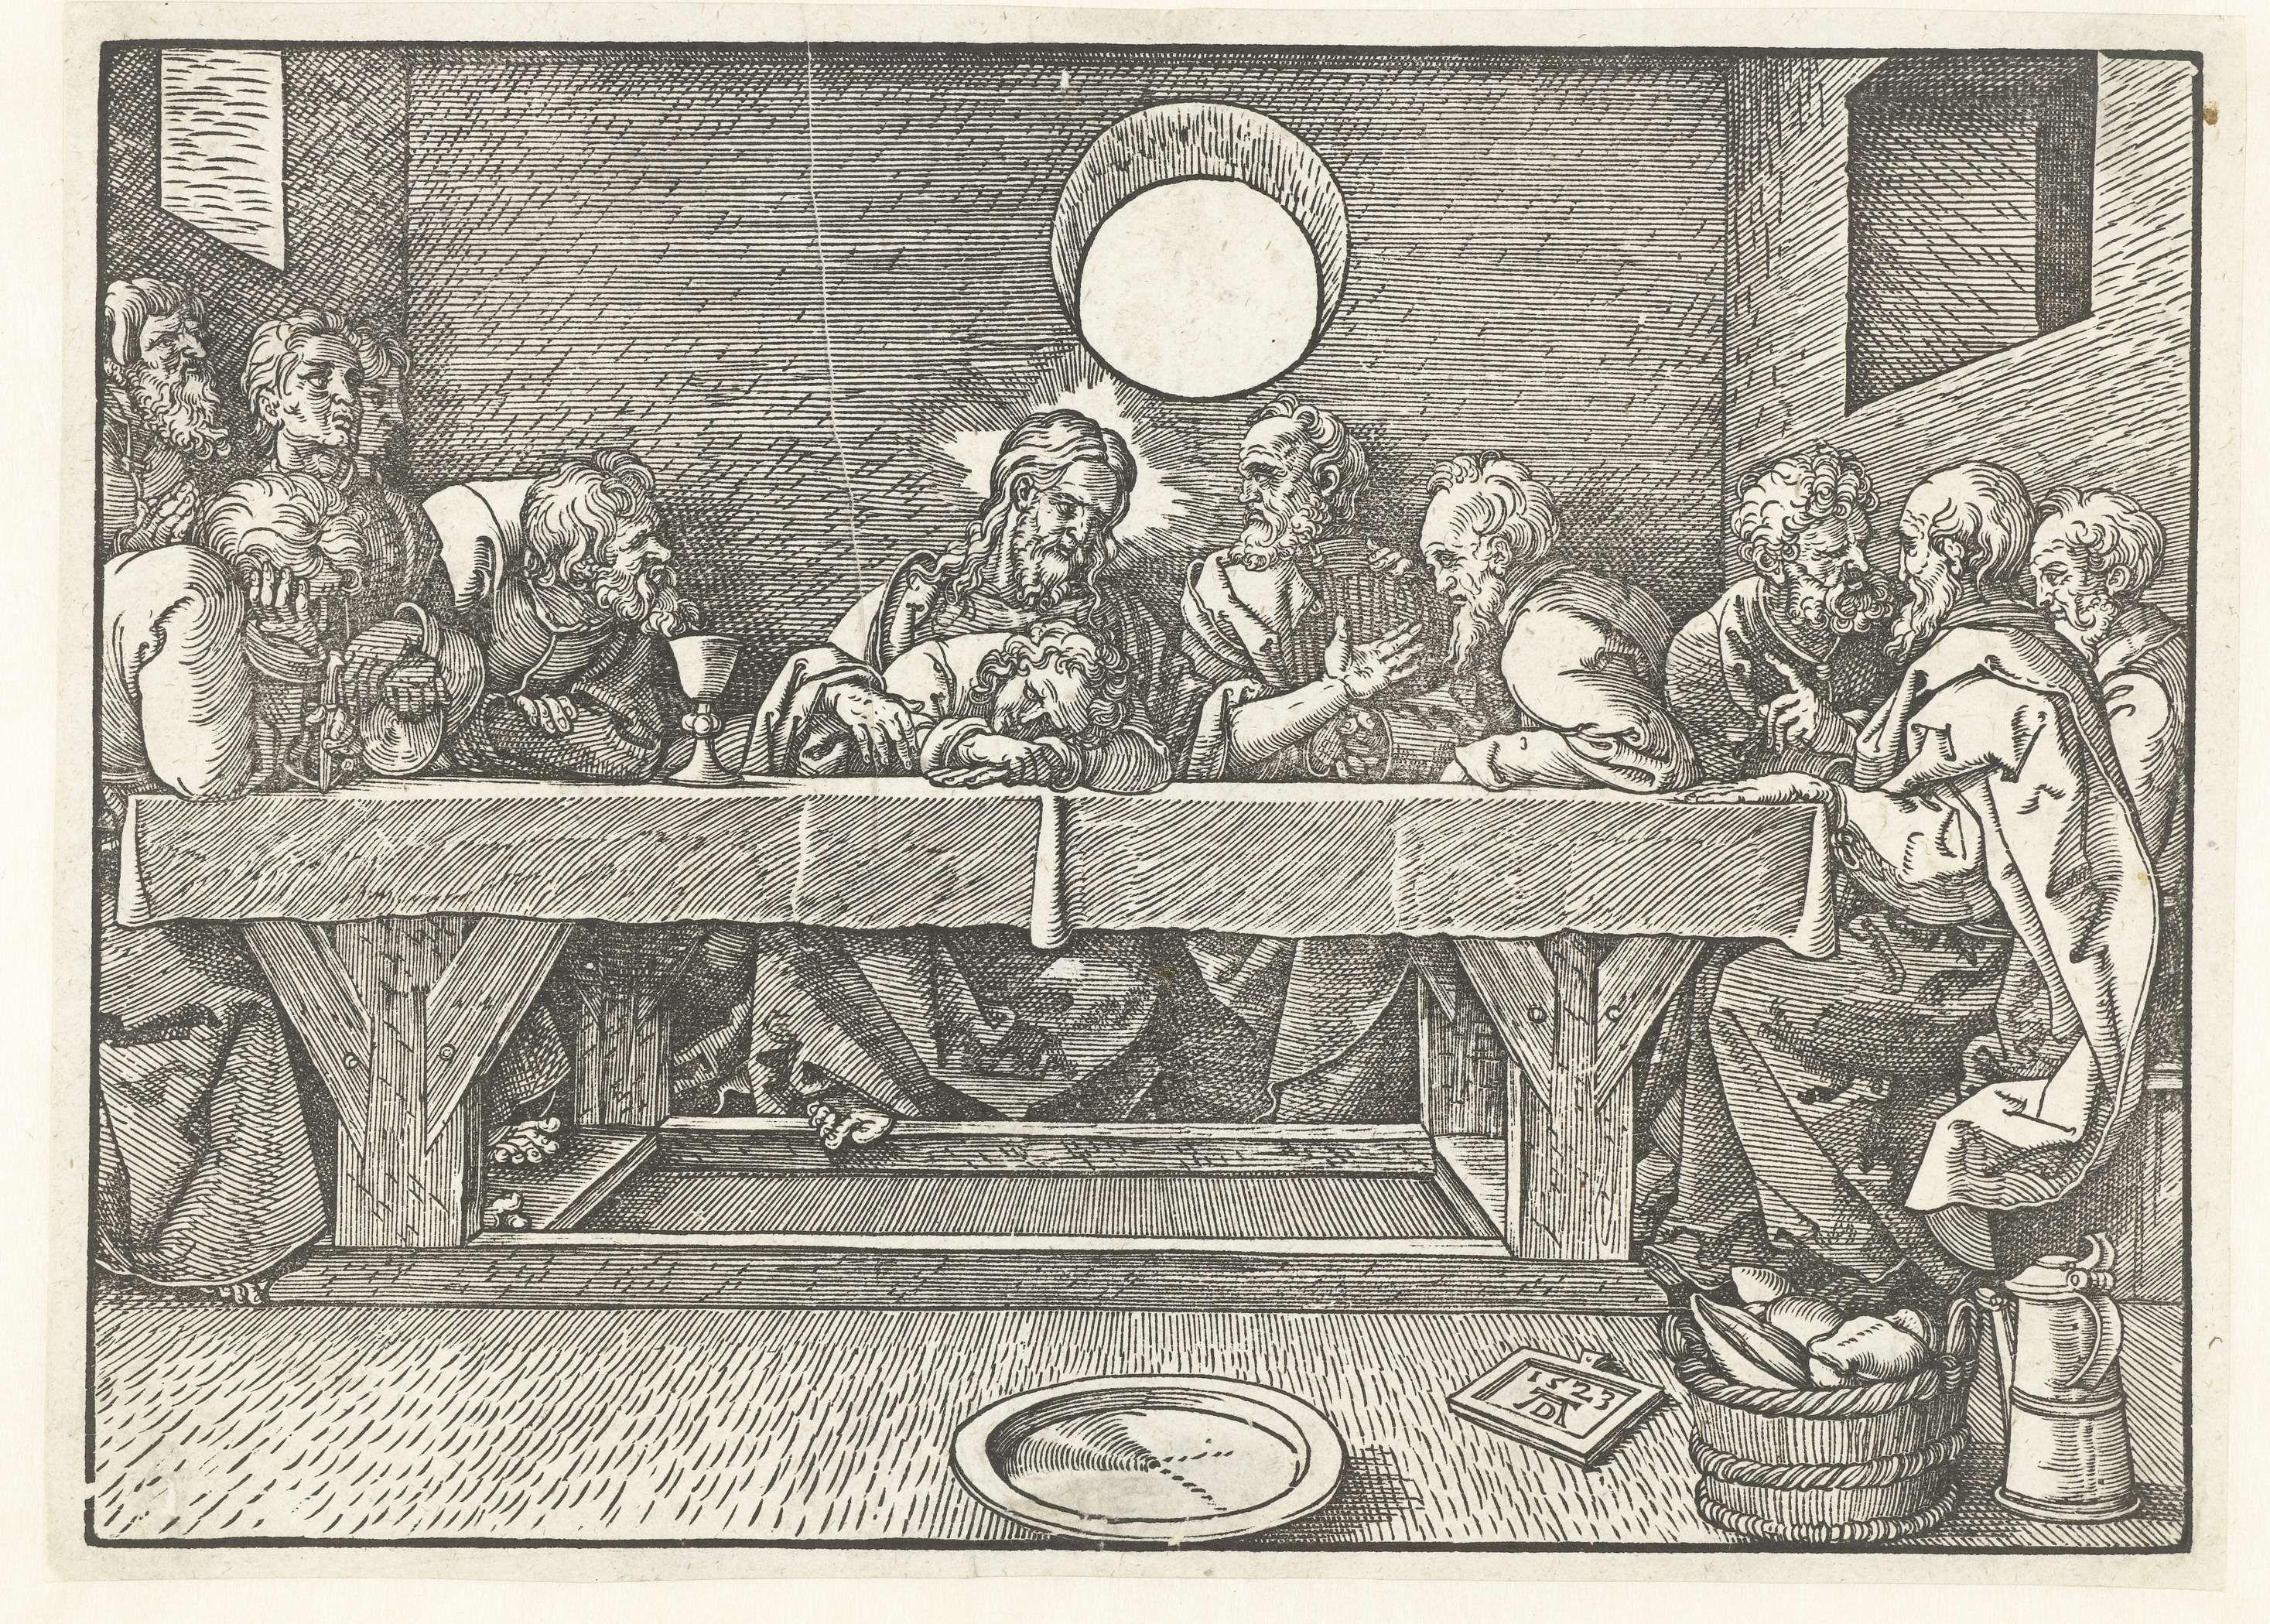 anoniem   Laatste Avondmaal, anoniem, 1523   Christus en zijn discipelen gebruiken een maaltijd aan een robuuste houten tafel. Johannes vleit zich aan de borst van Christus. Op de voorgrond een schaal, een mand met brood en een schenkkan.